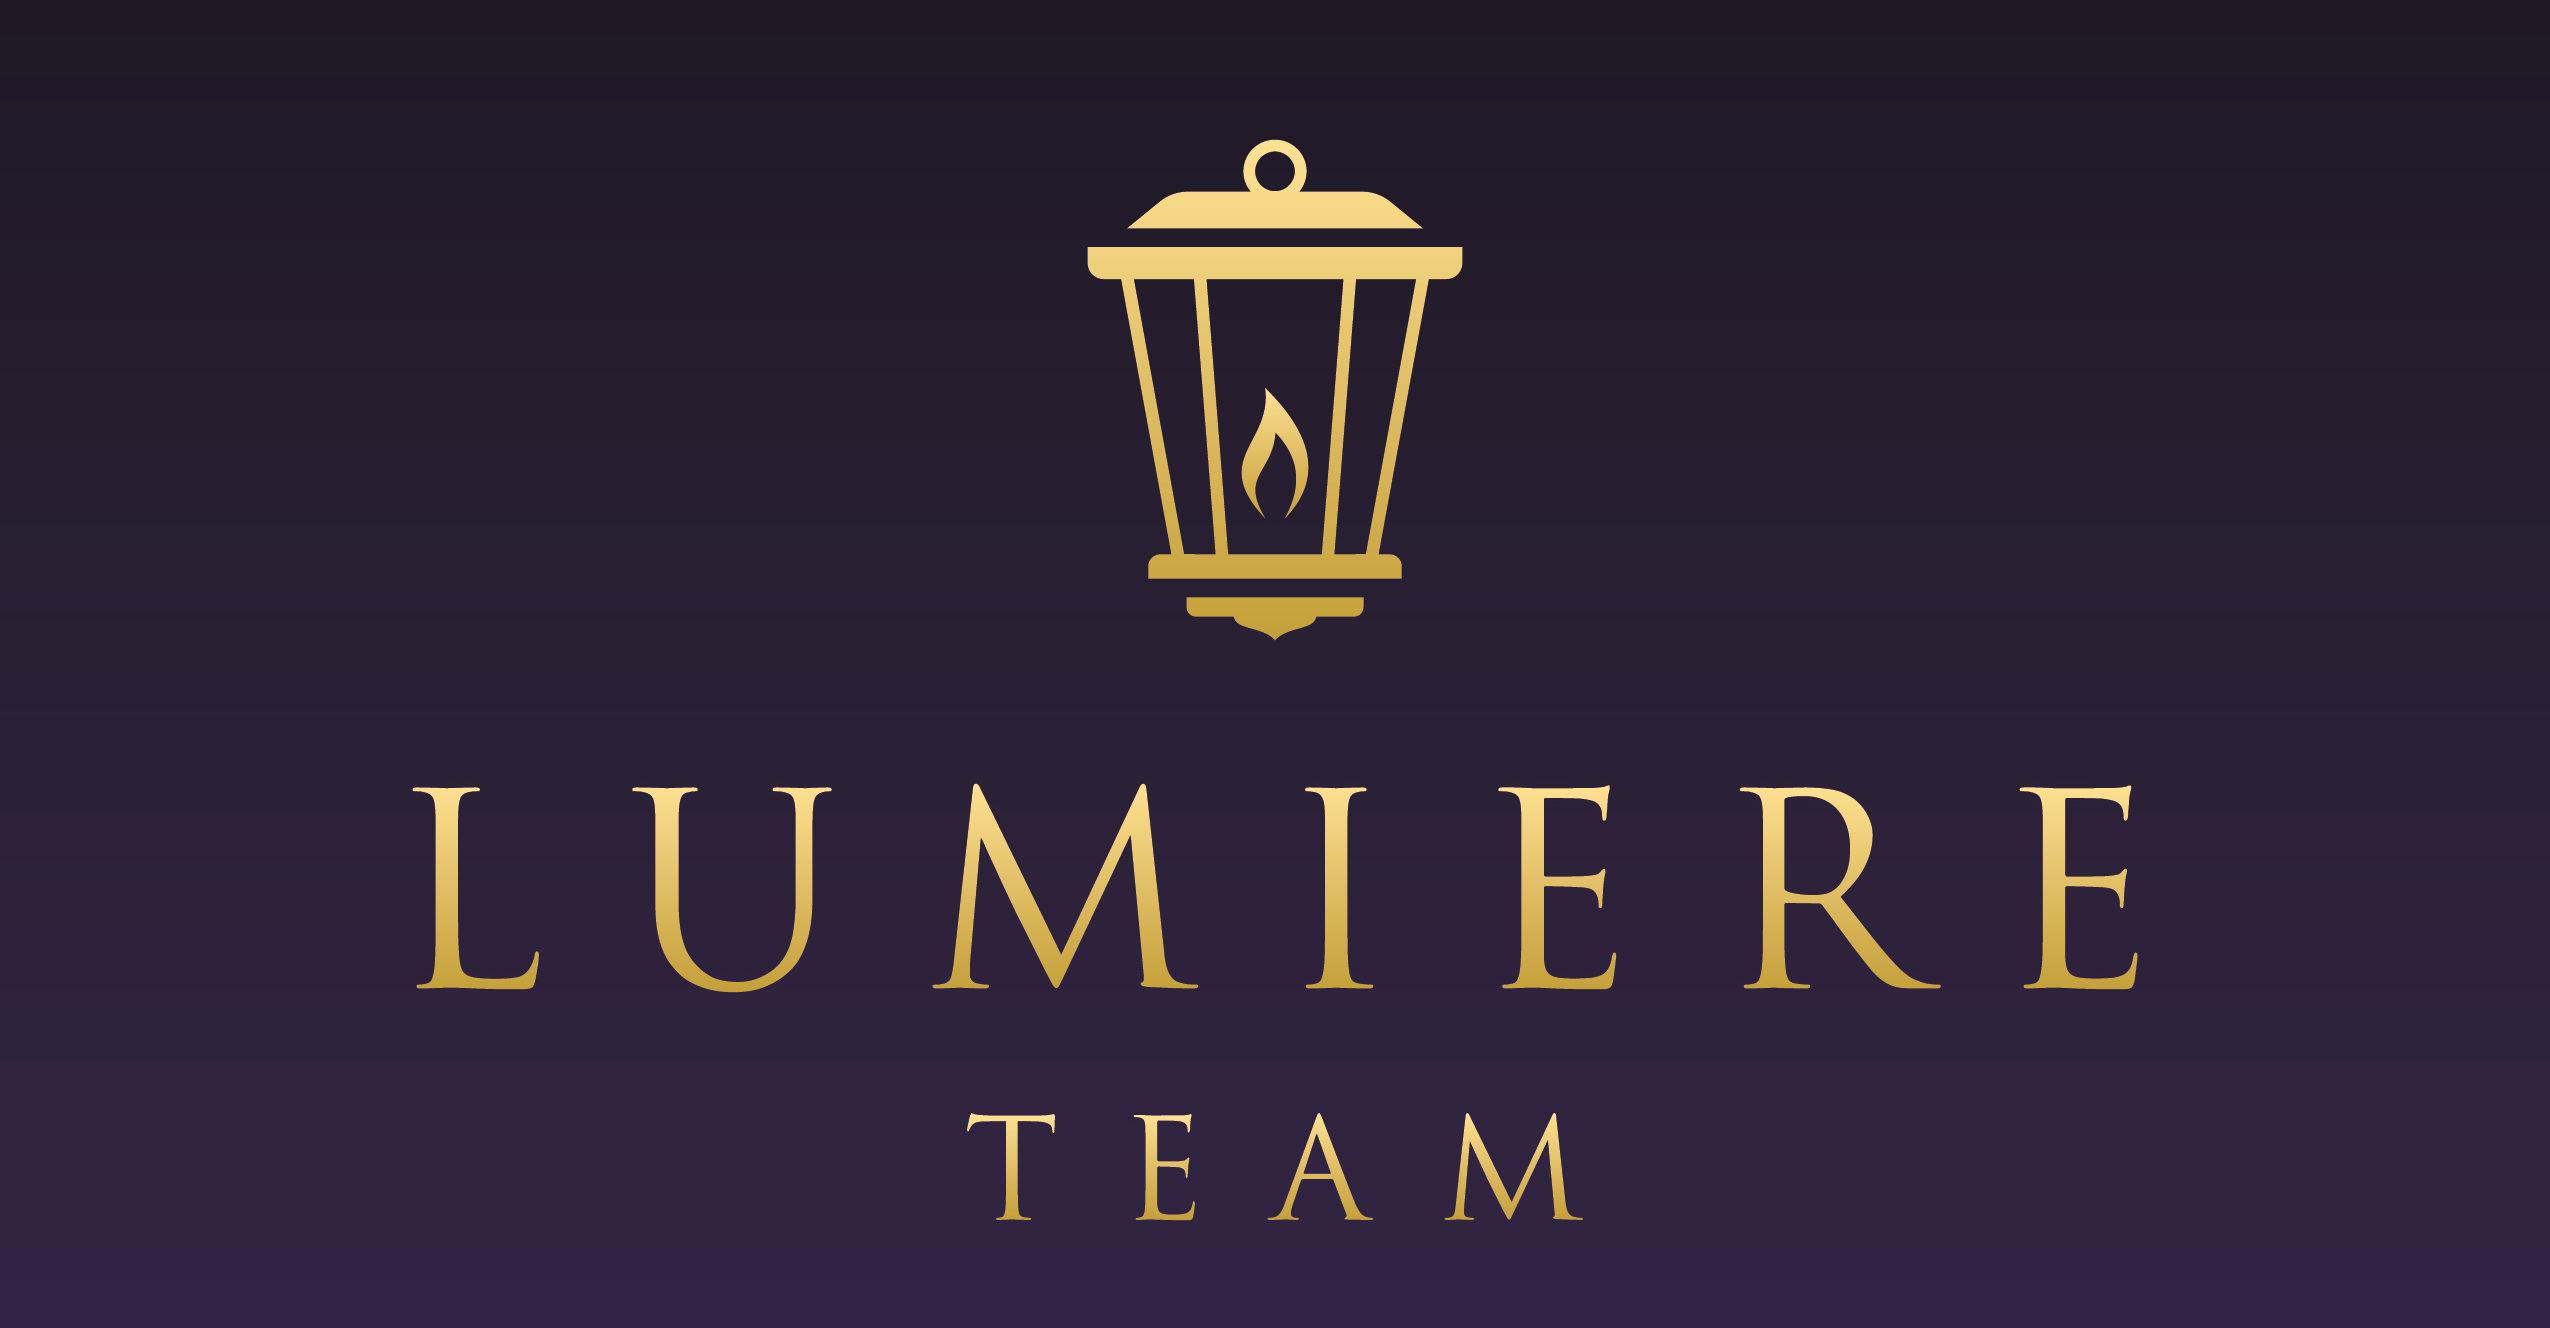 Lumiere Team